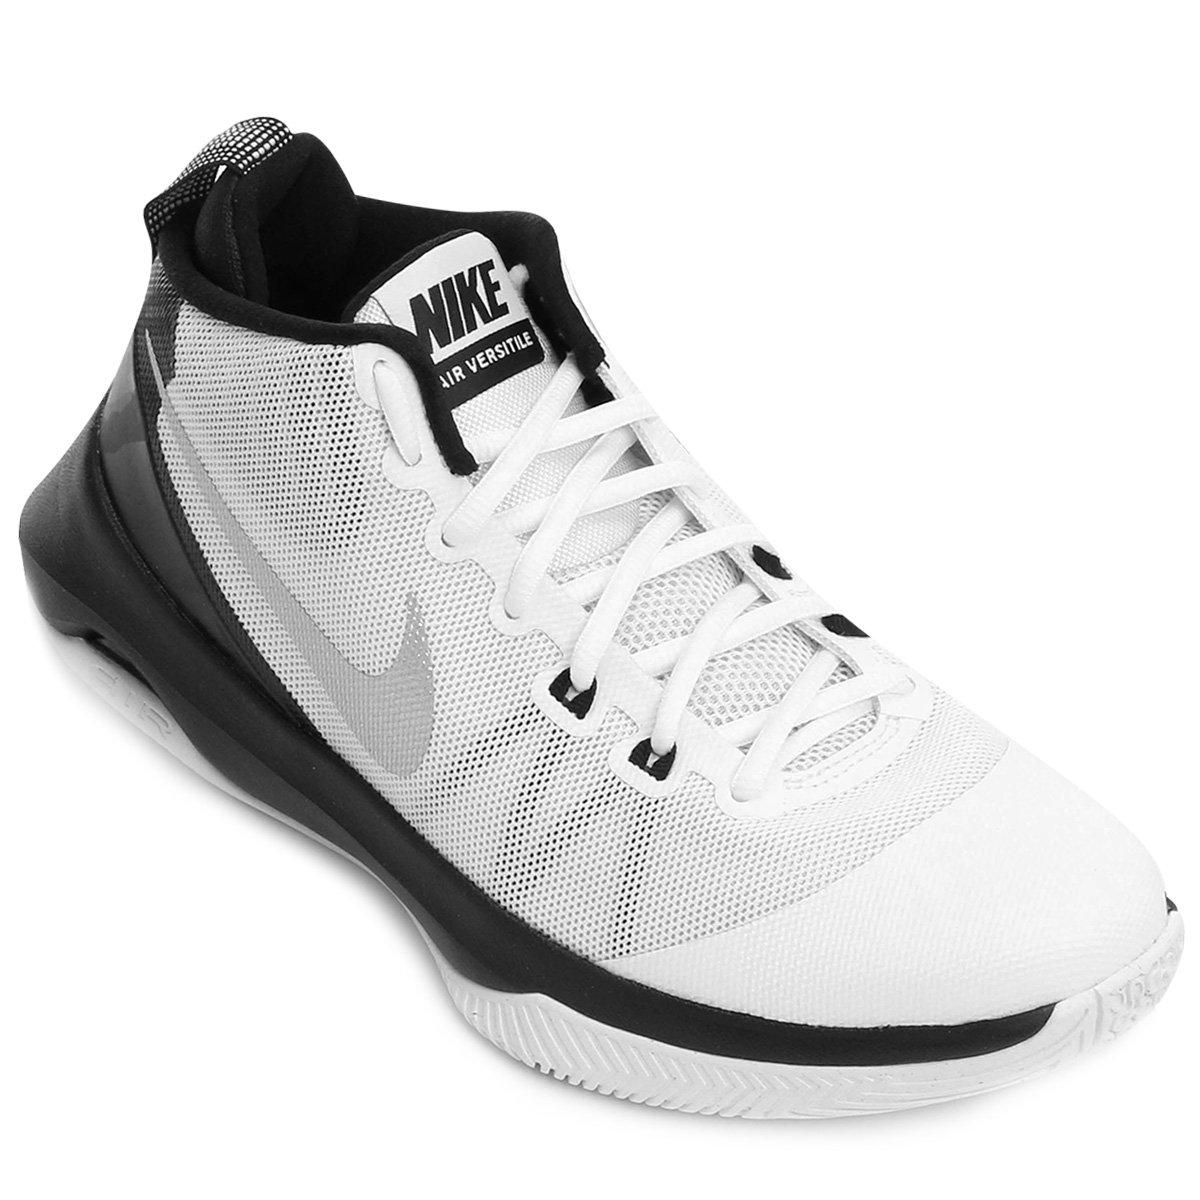 8bd5d330d63da Tênis Nike Air Versitile Masculino